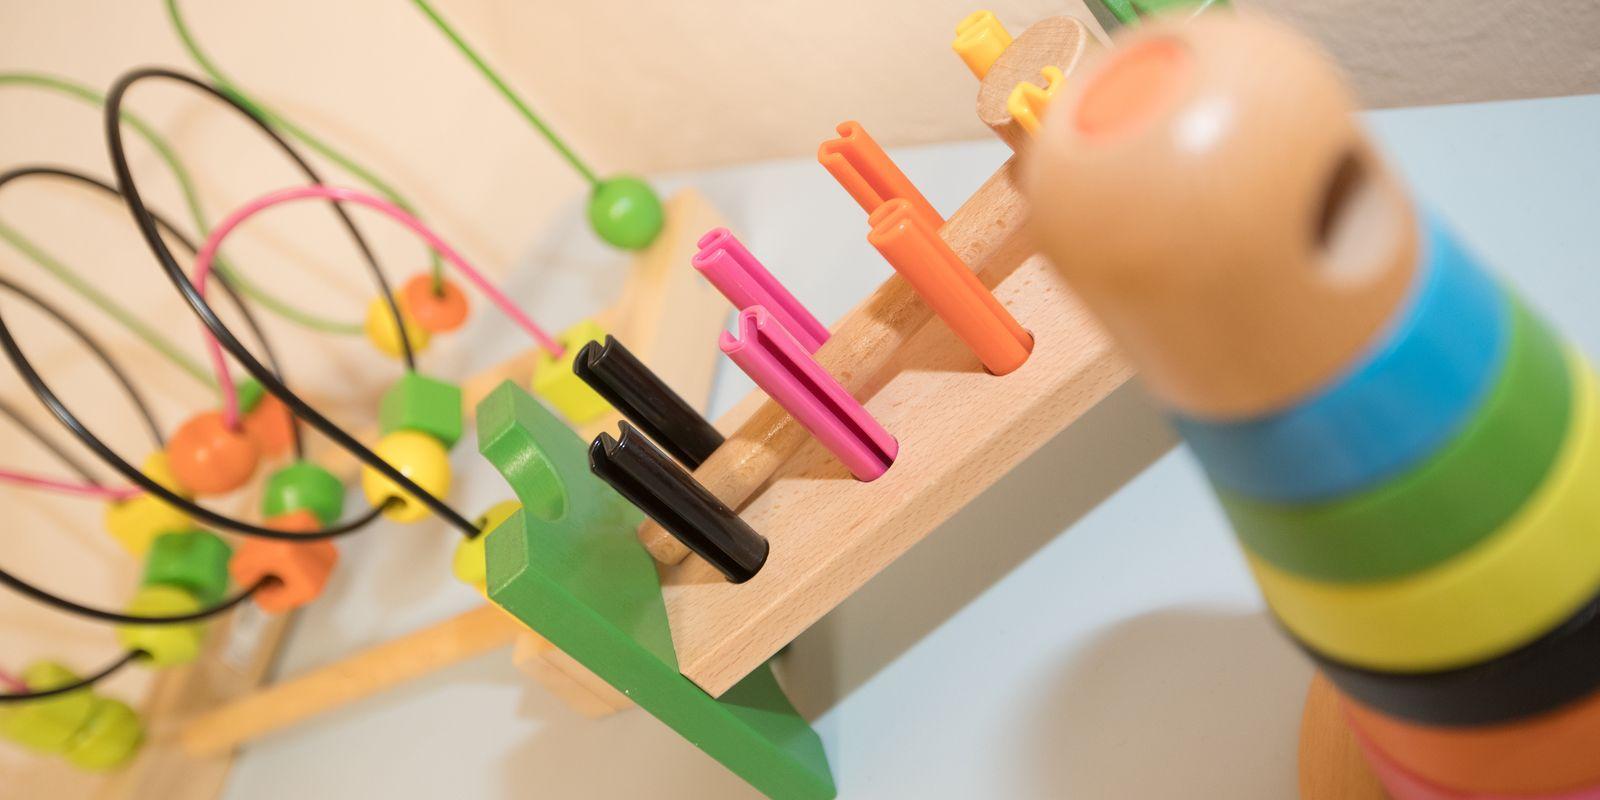 Spielsachen im Keller